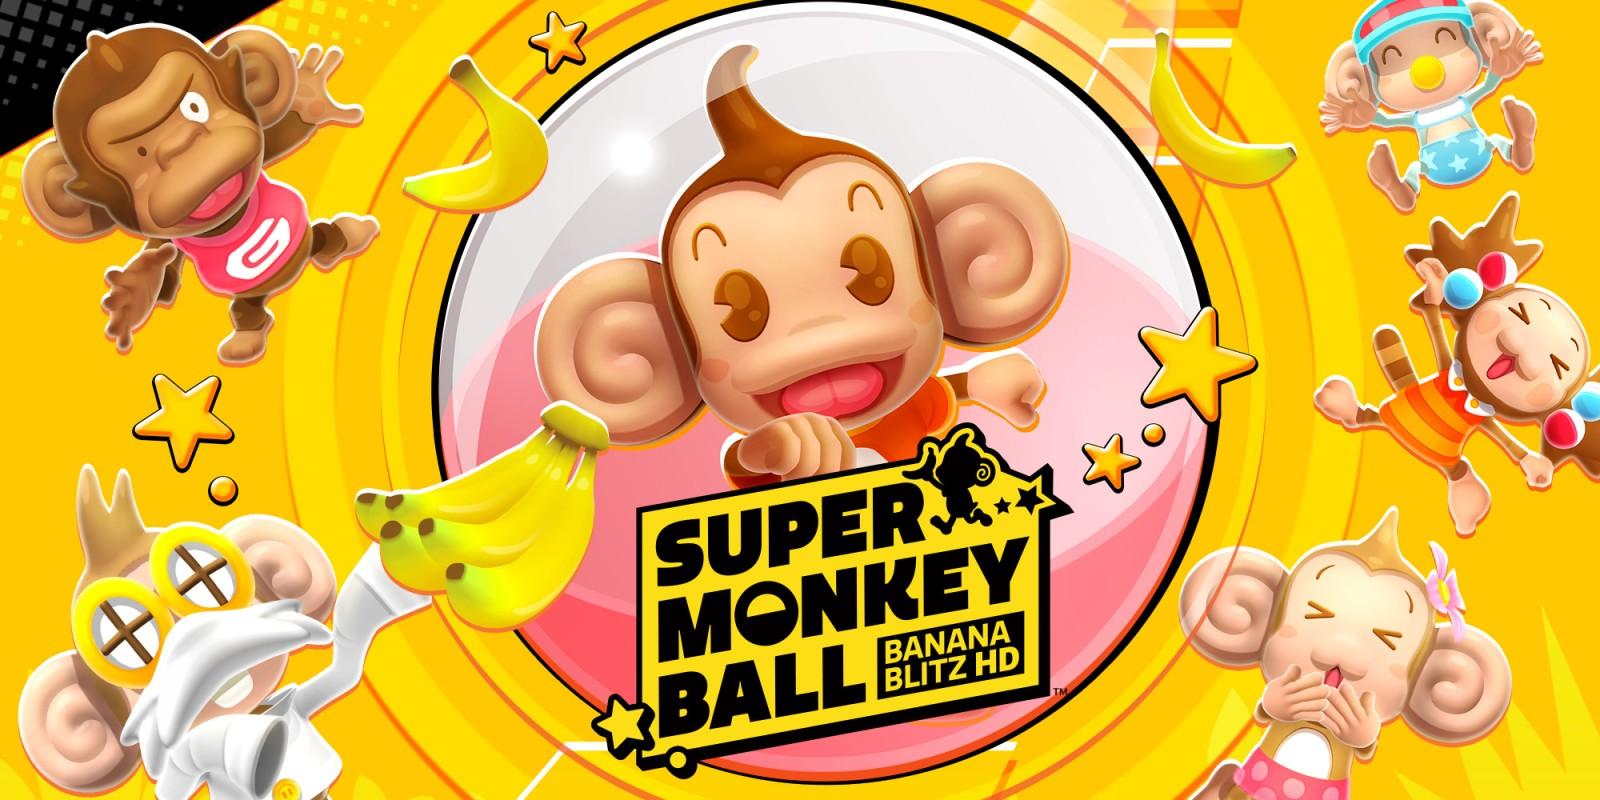 Diretor de Super Monkey Ball: Banana Blitz HD diz que o apoio dos fãs pode levar a mais remasterizações e sequências da série